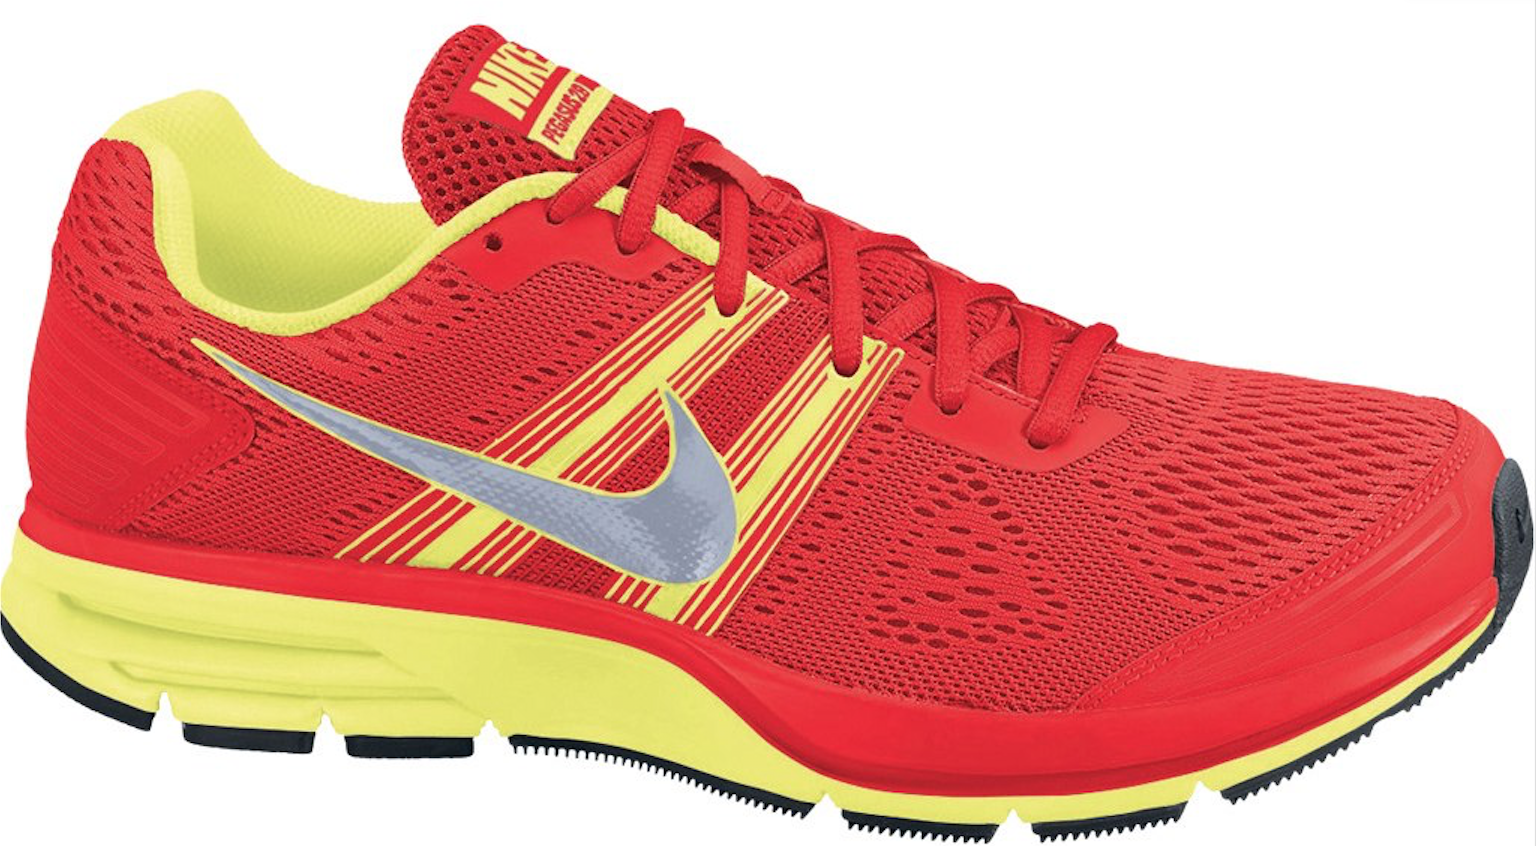 Nike Air Pegasus Running shoes For Men Size 12.5